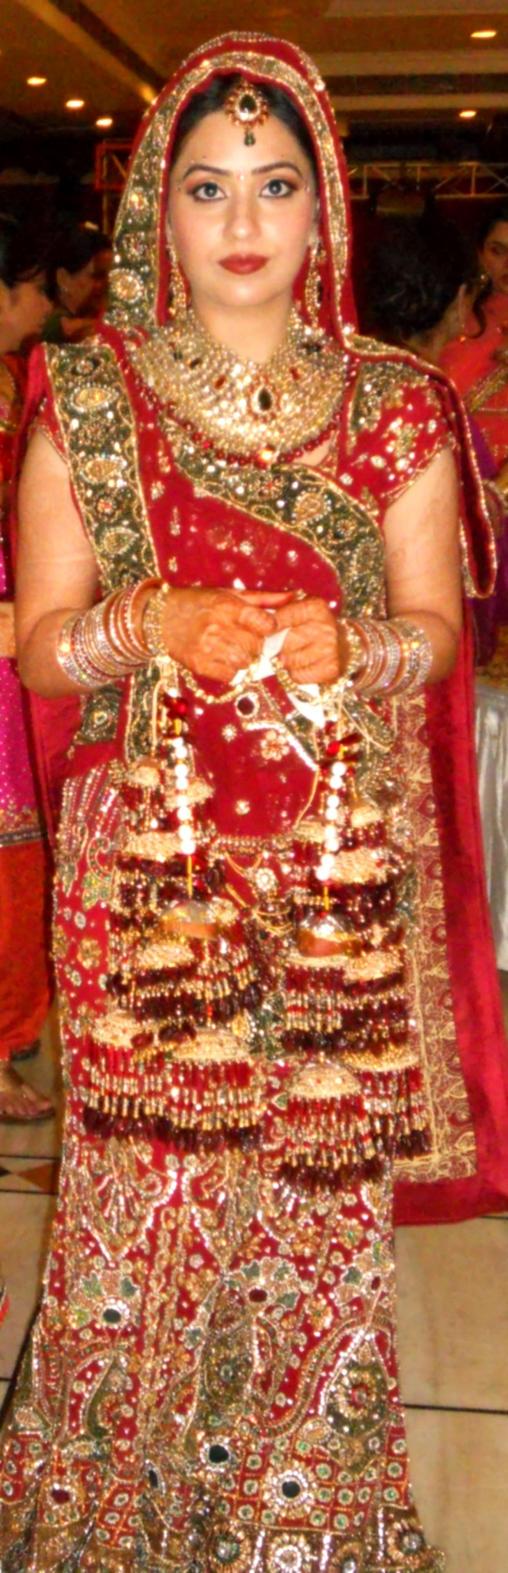 Indian Punjabi Women in Bridal Dresses by yashmeet135 on DeviantArt